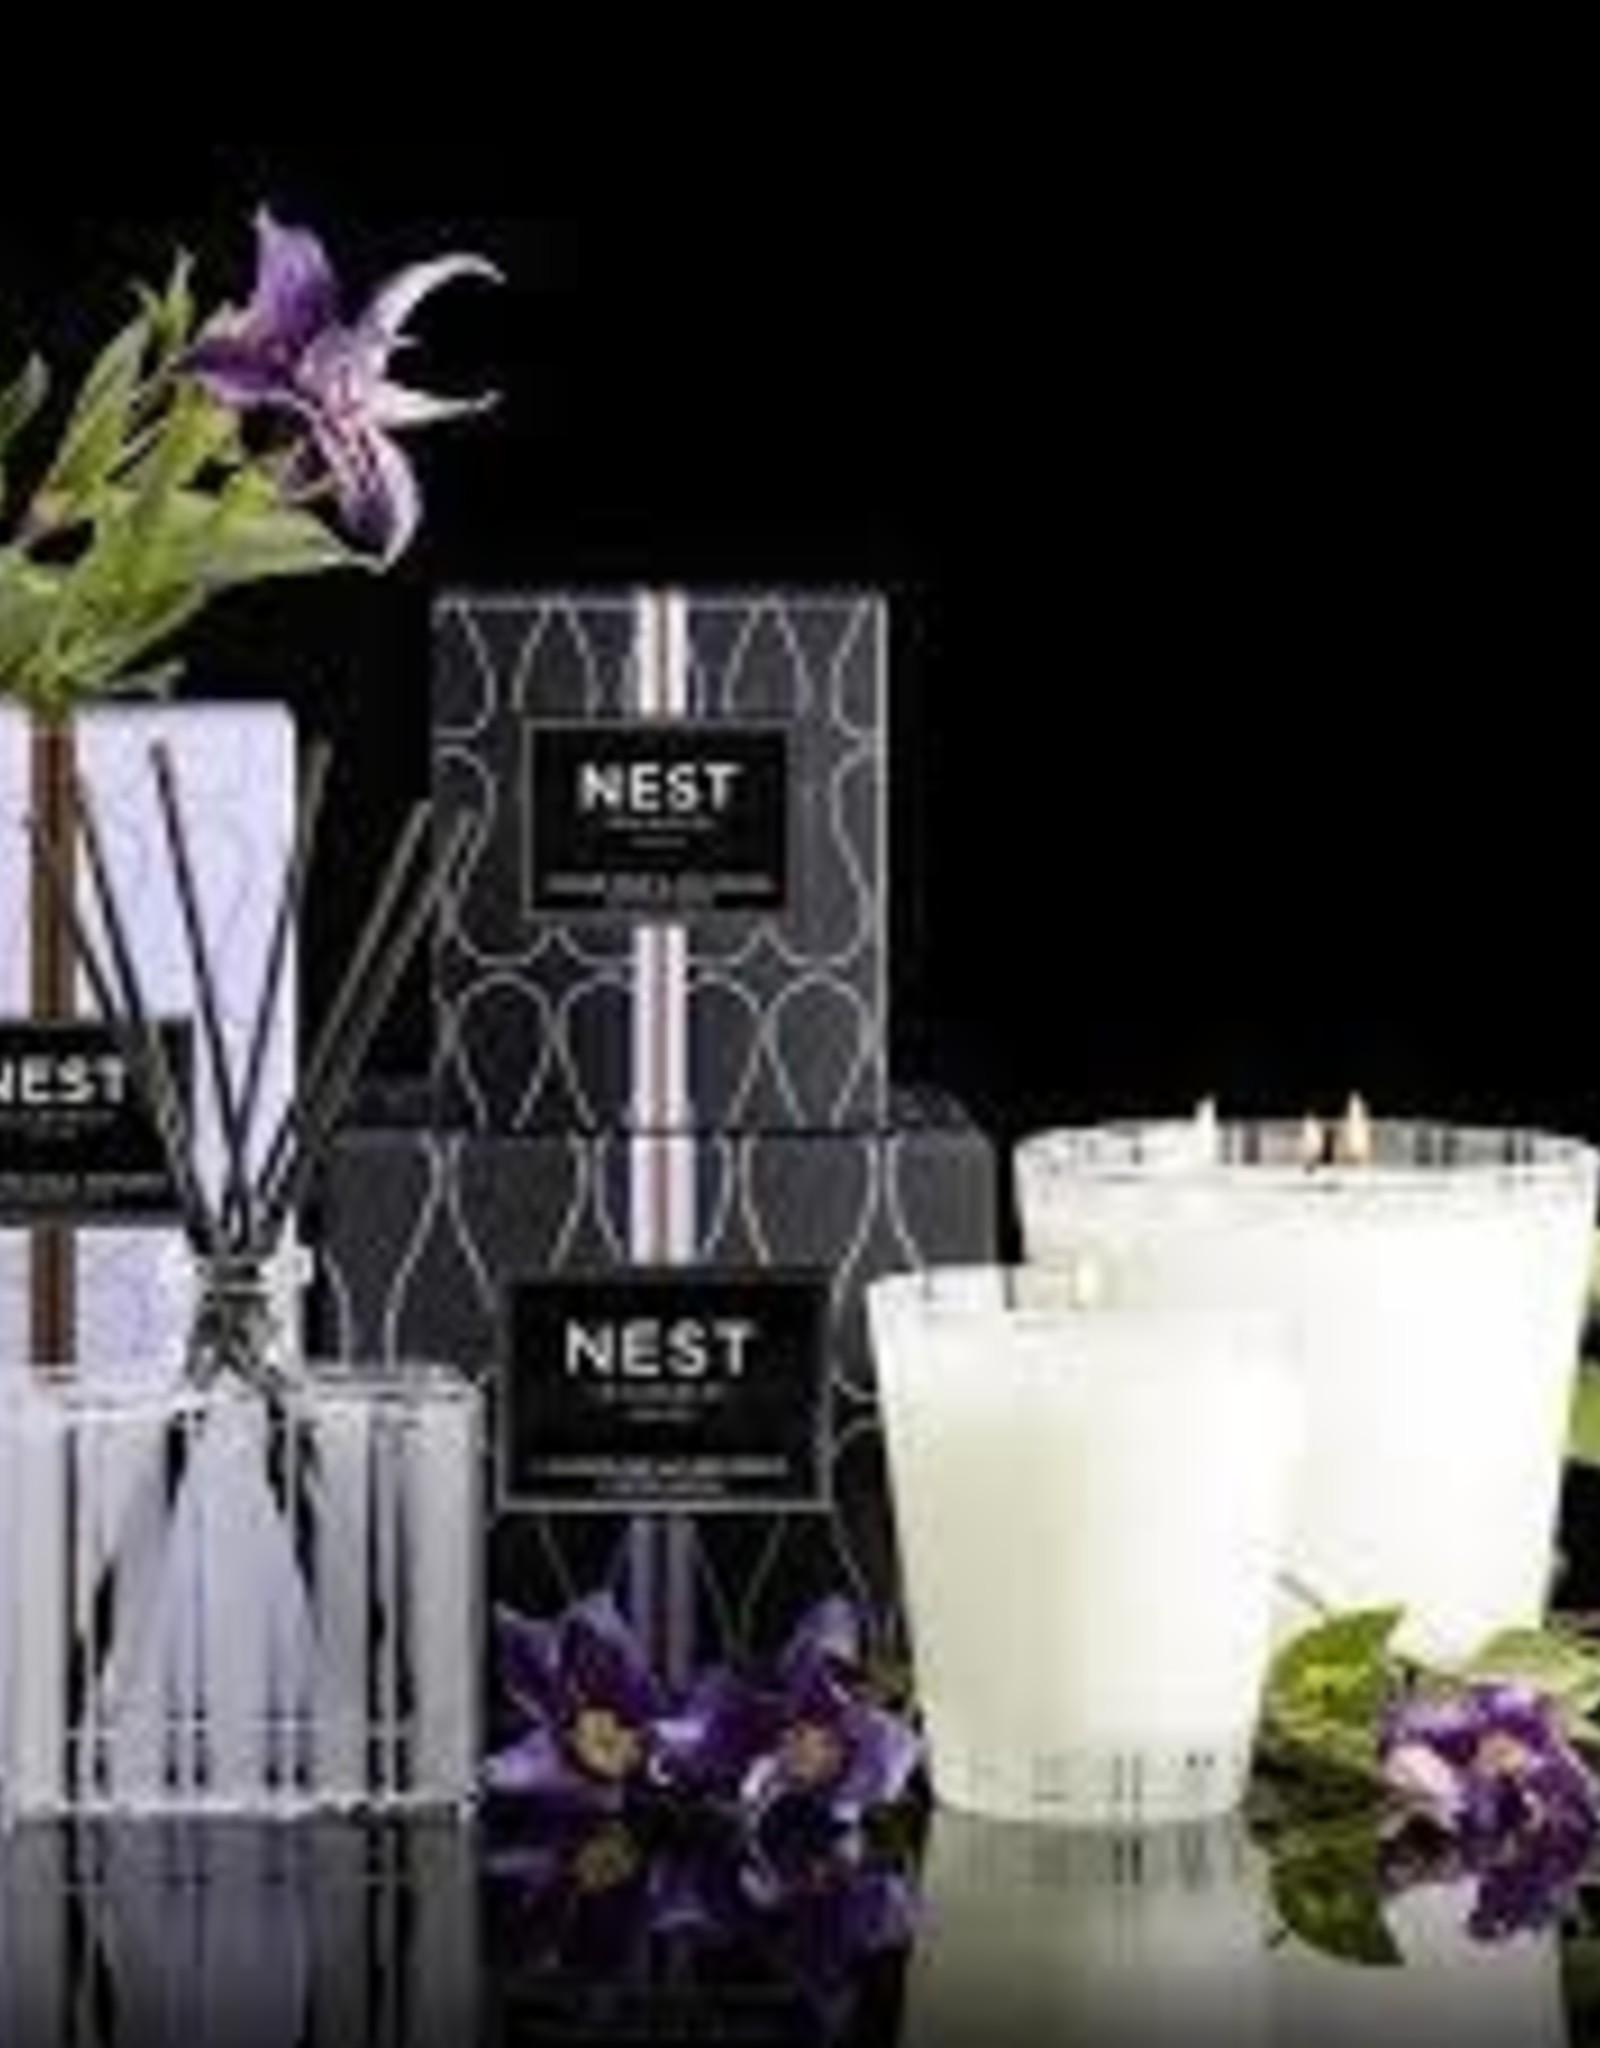 Nest Candle Nest Cedar Leaf  & Lavender